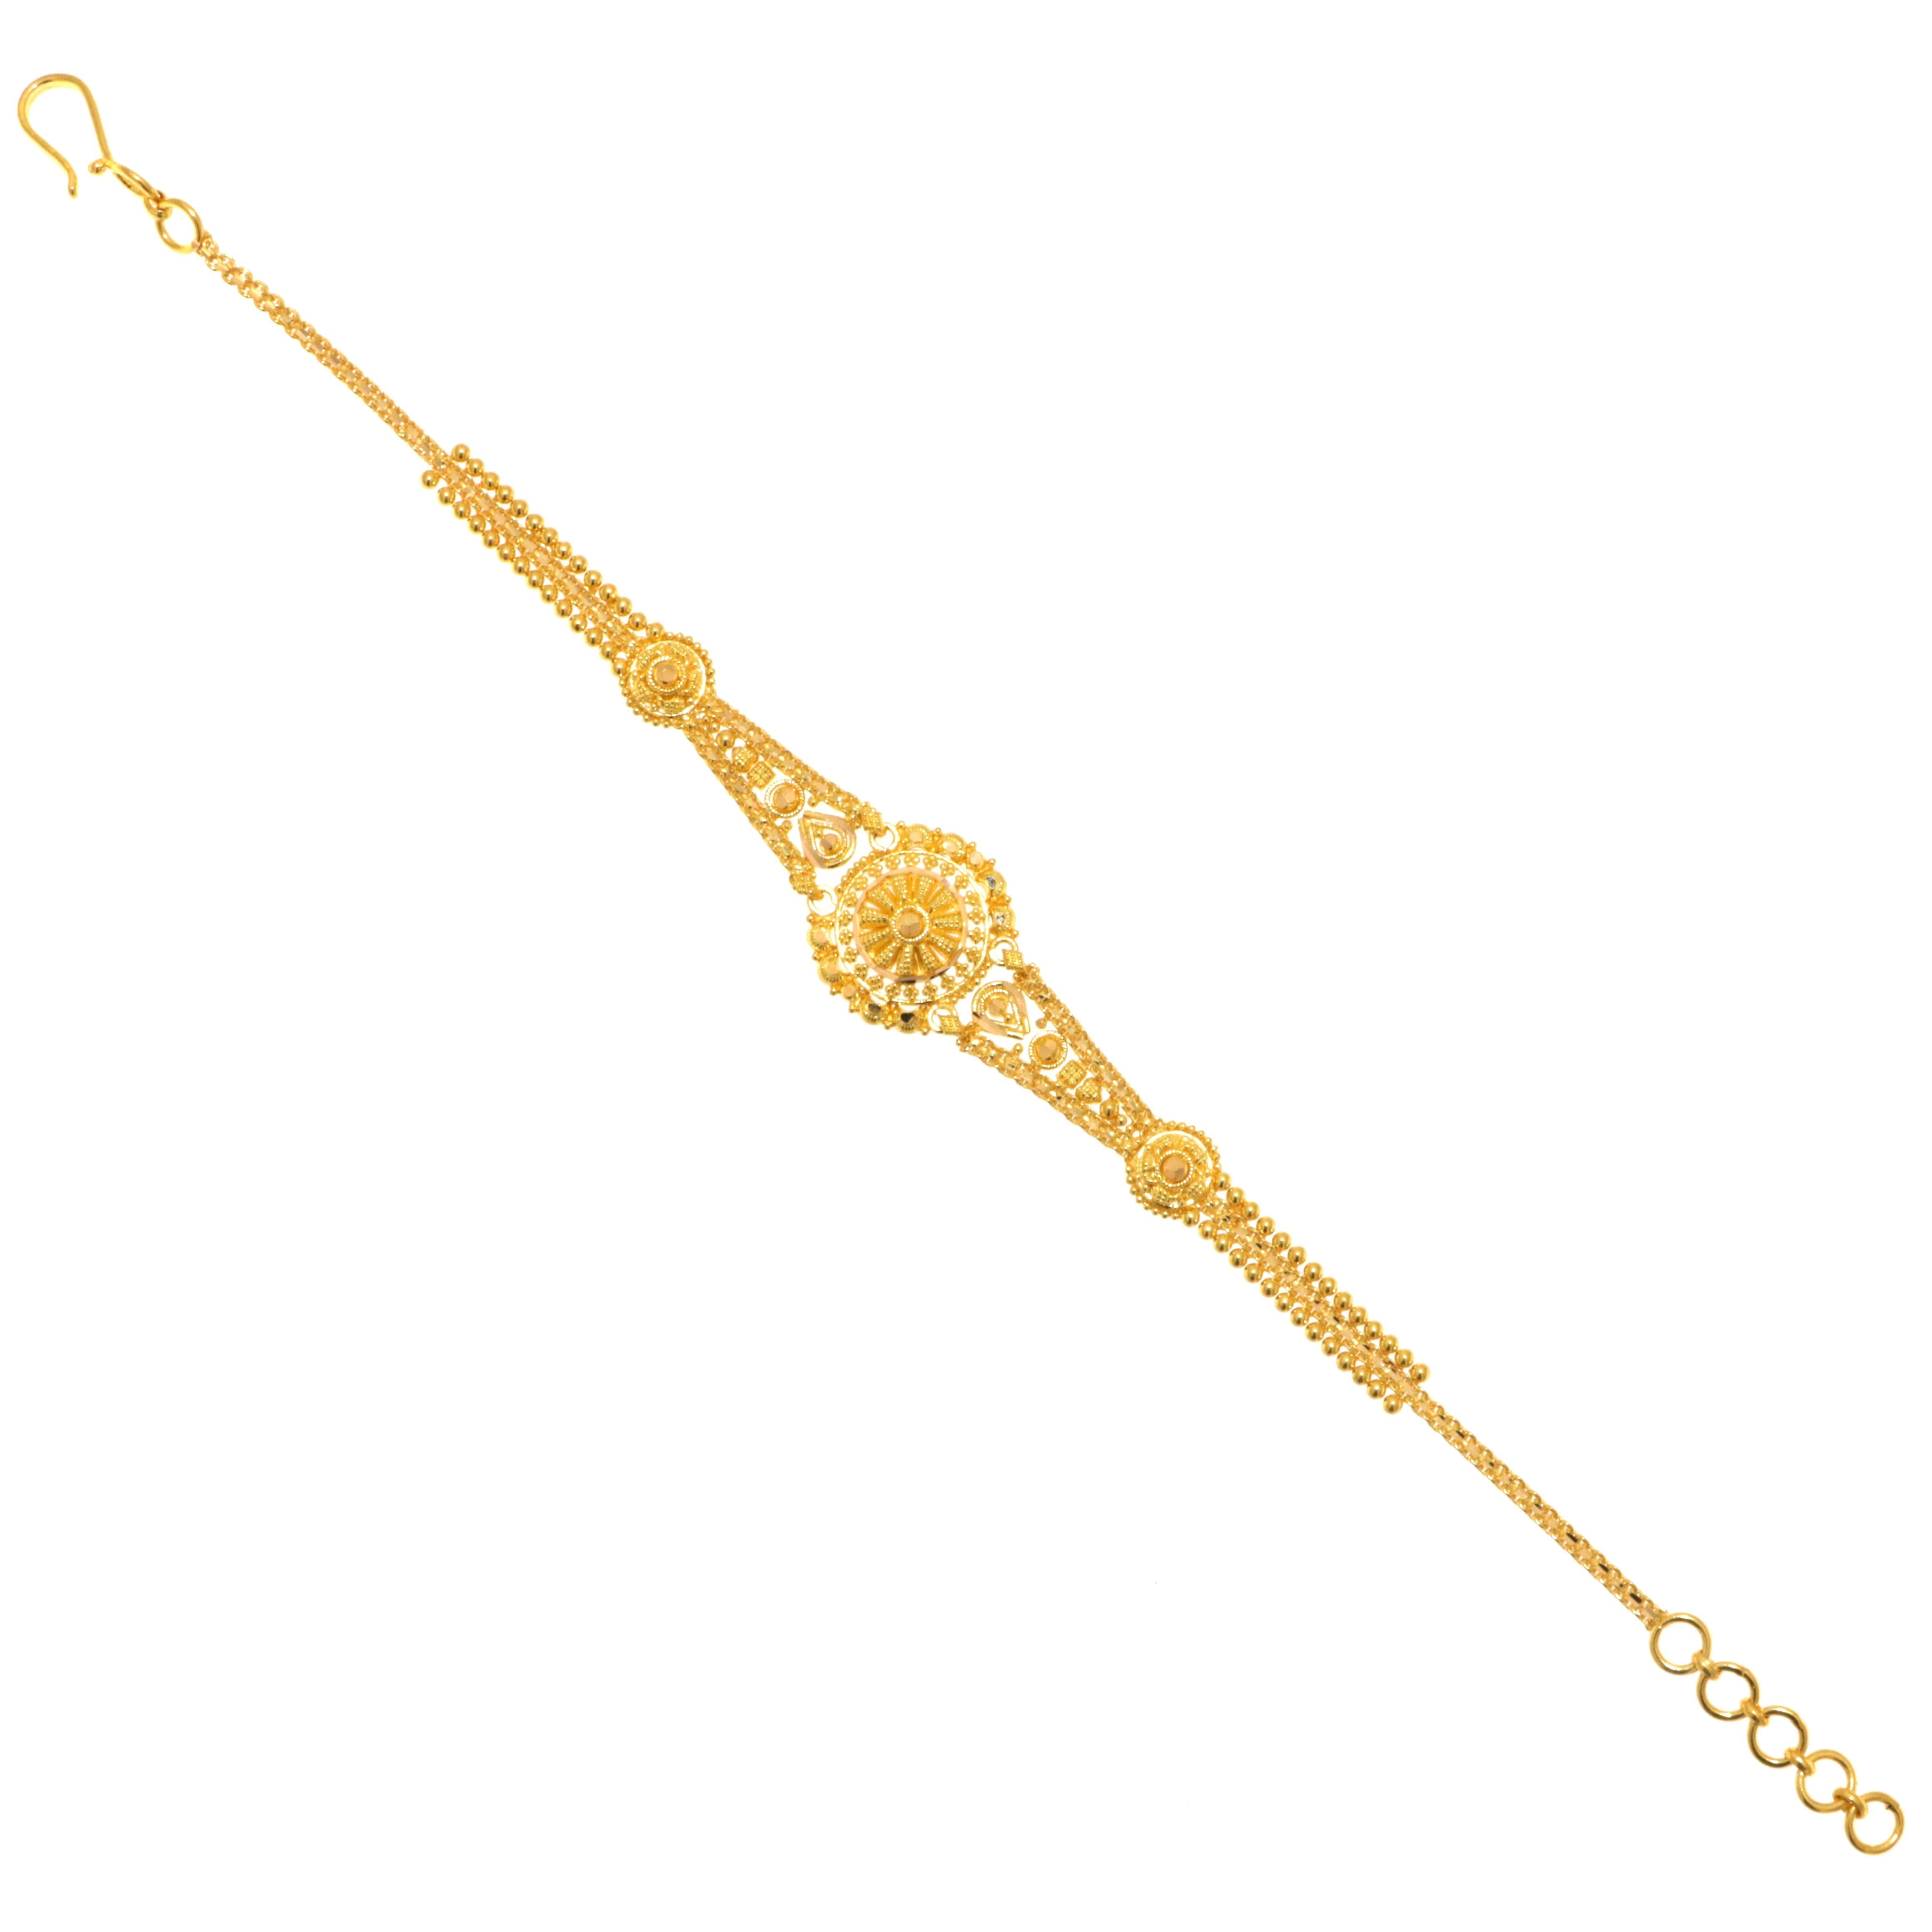 Bracelet5-3Best.Jpg